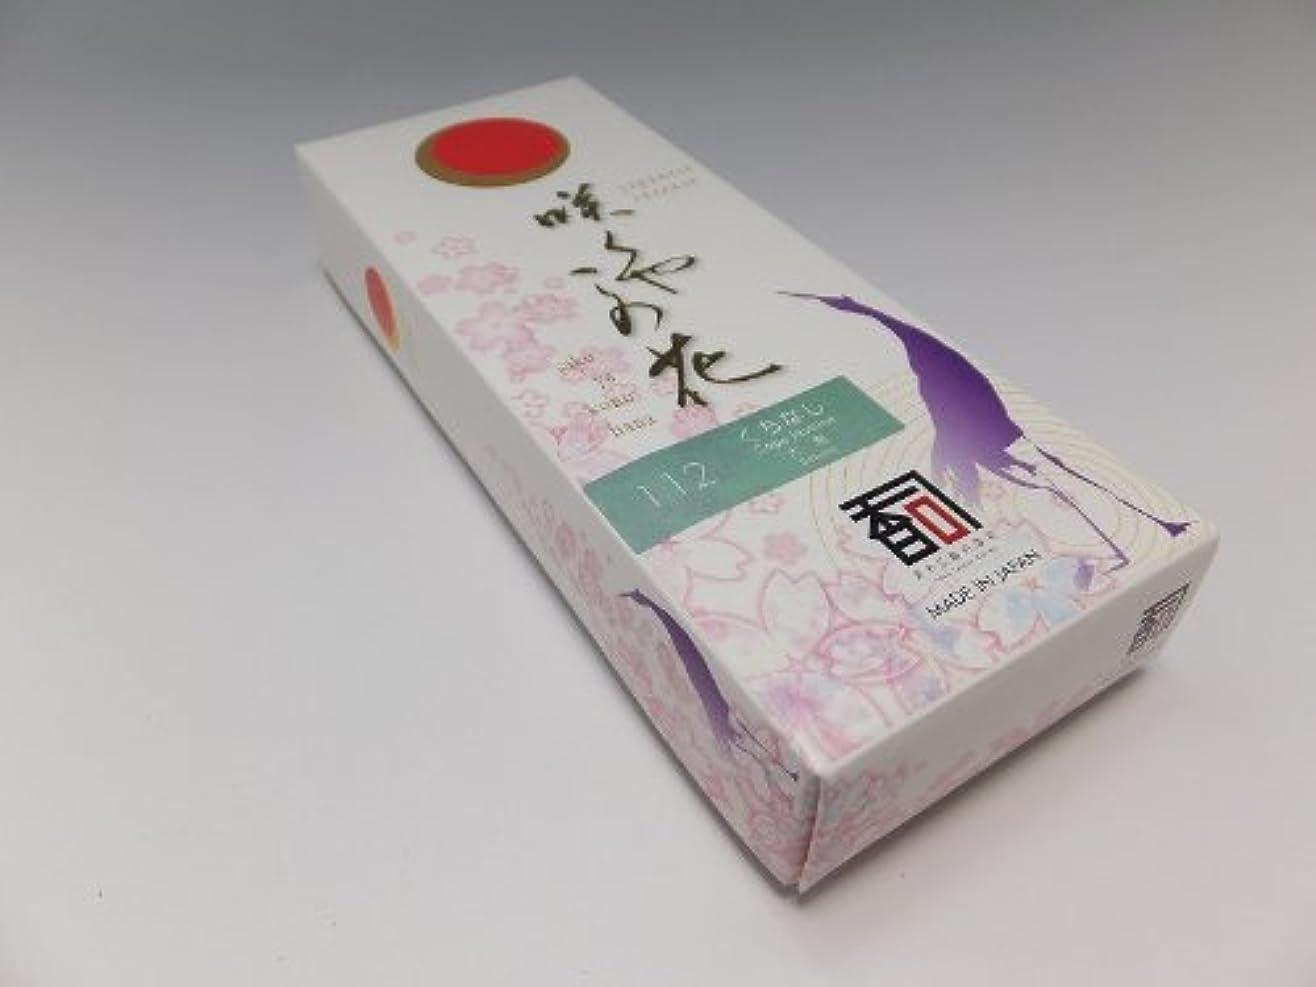 差別会計士大破「あわじ島の香司」 日本の香りシリーズ  [咲くや この花] 【112】 くちなし (有煙)